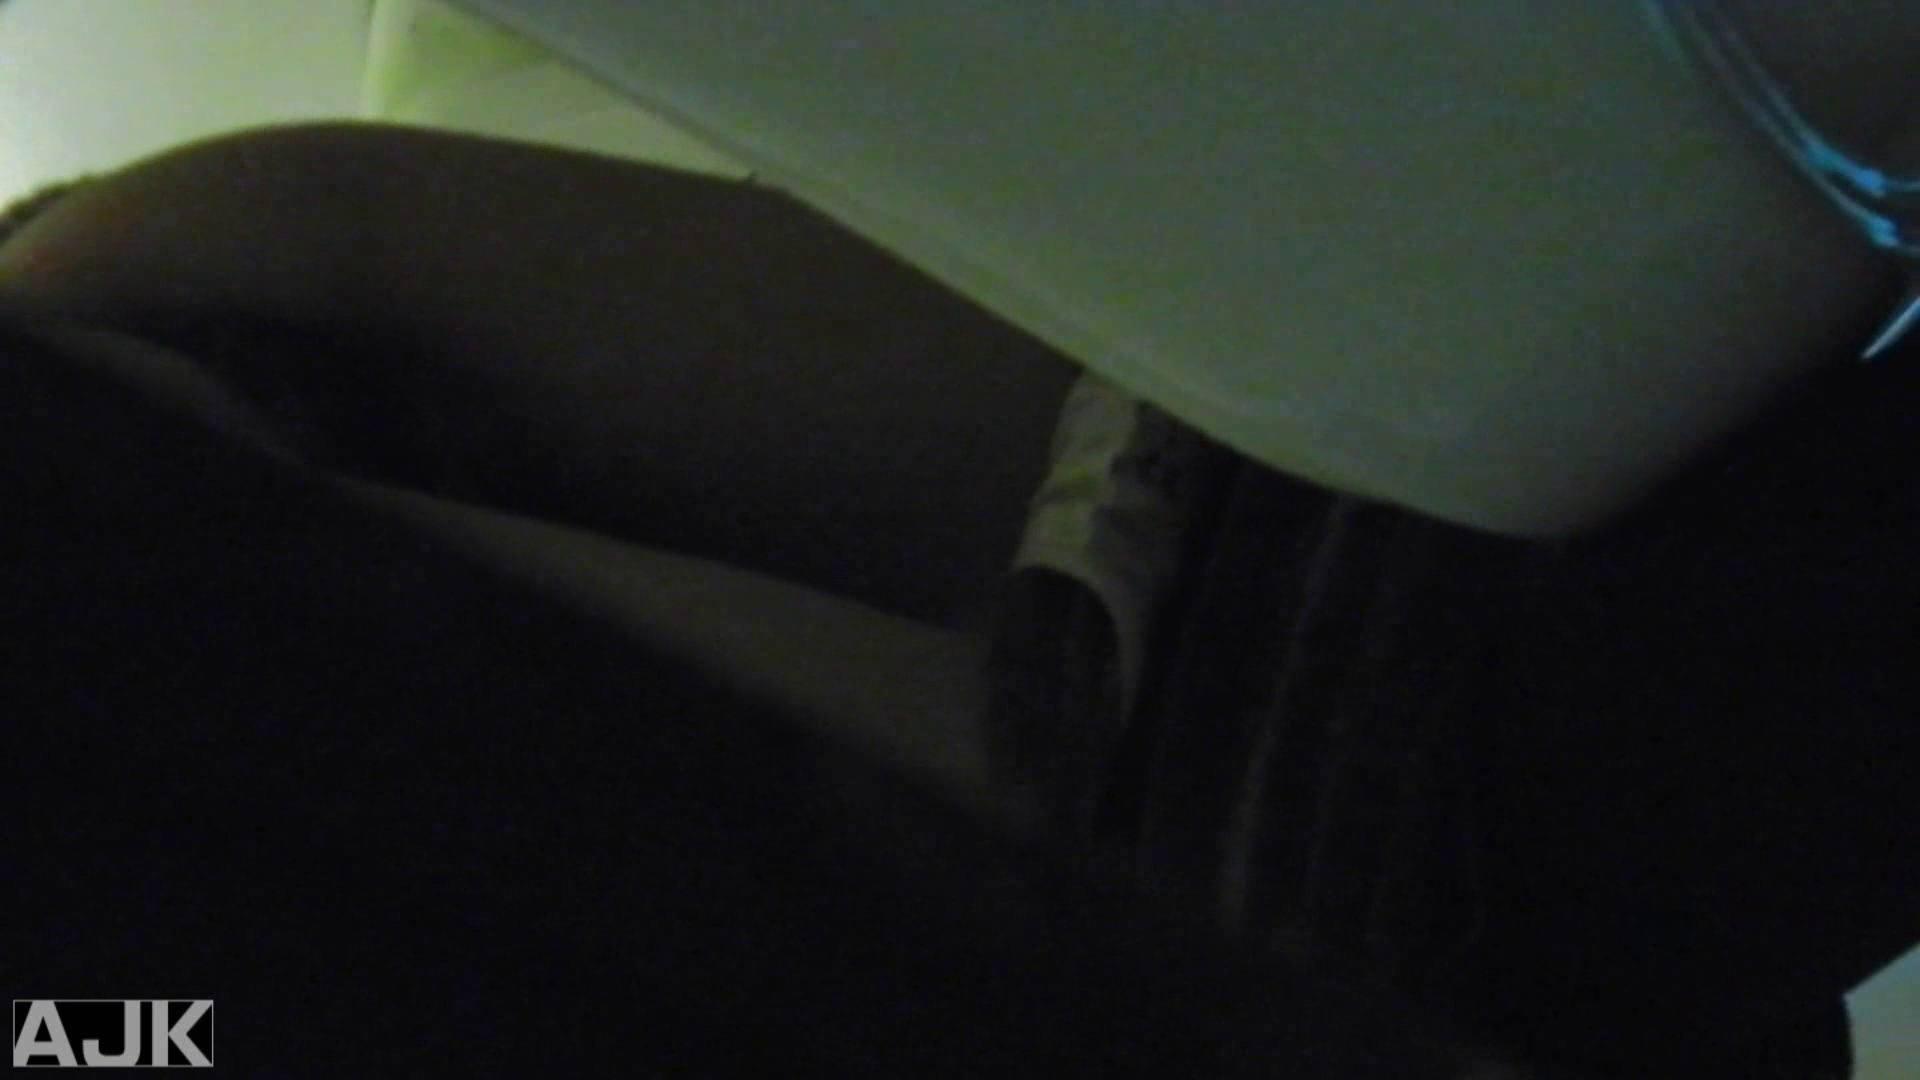 神降臨!史上最強の潜入かわや! vol.23 マンコ・ムレムレ われめAV動画紹介 96pic 33